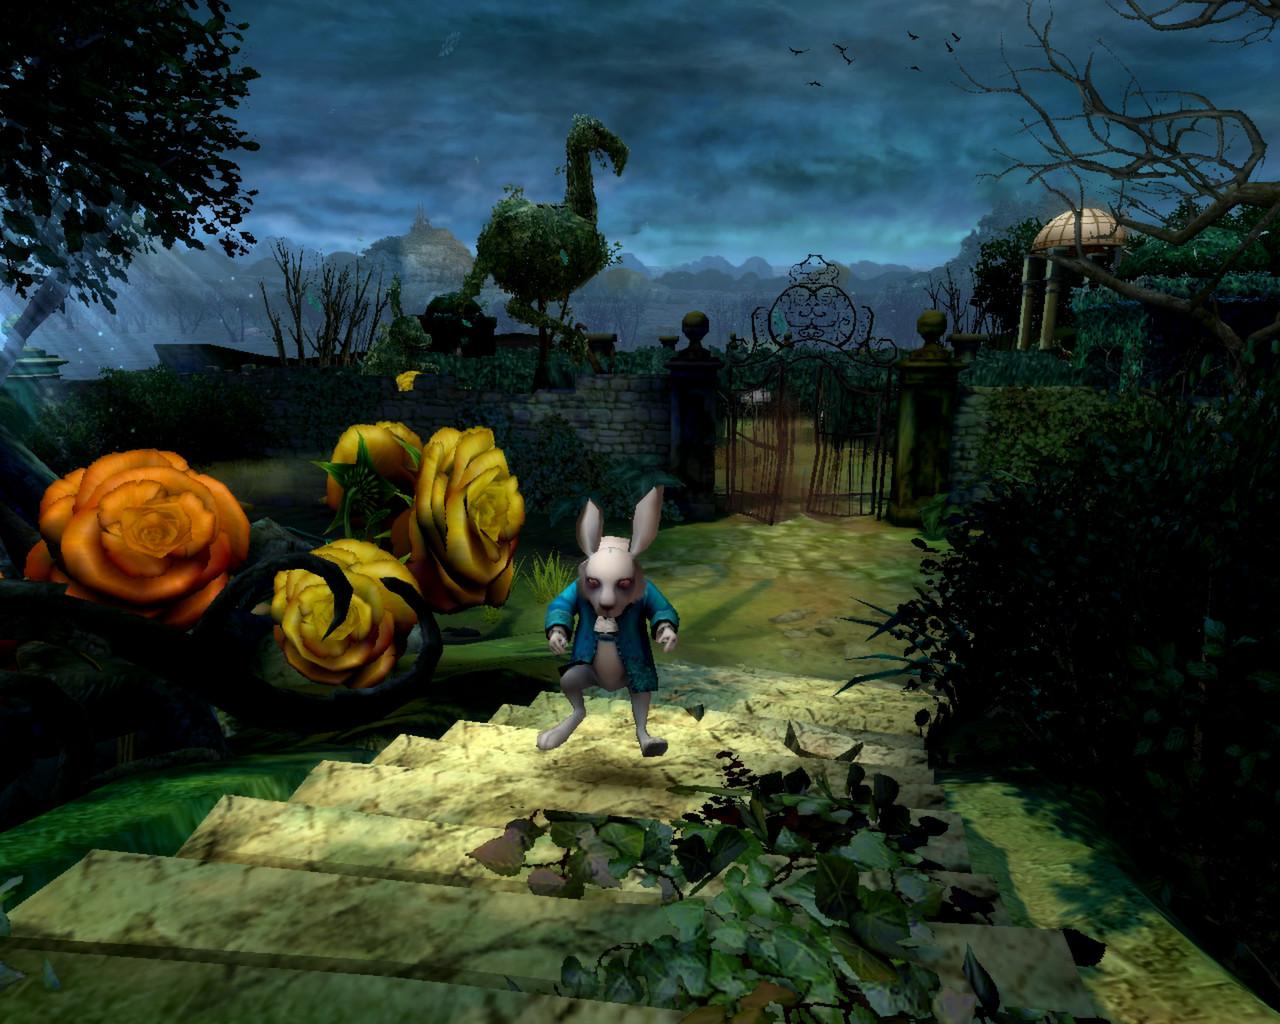 Disney Alice